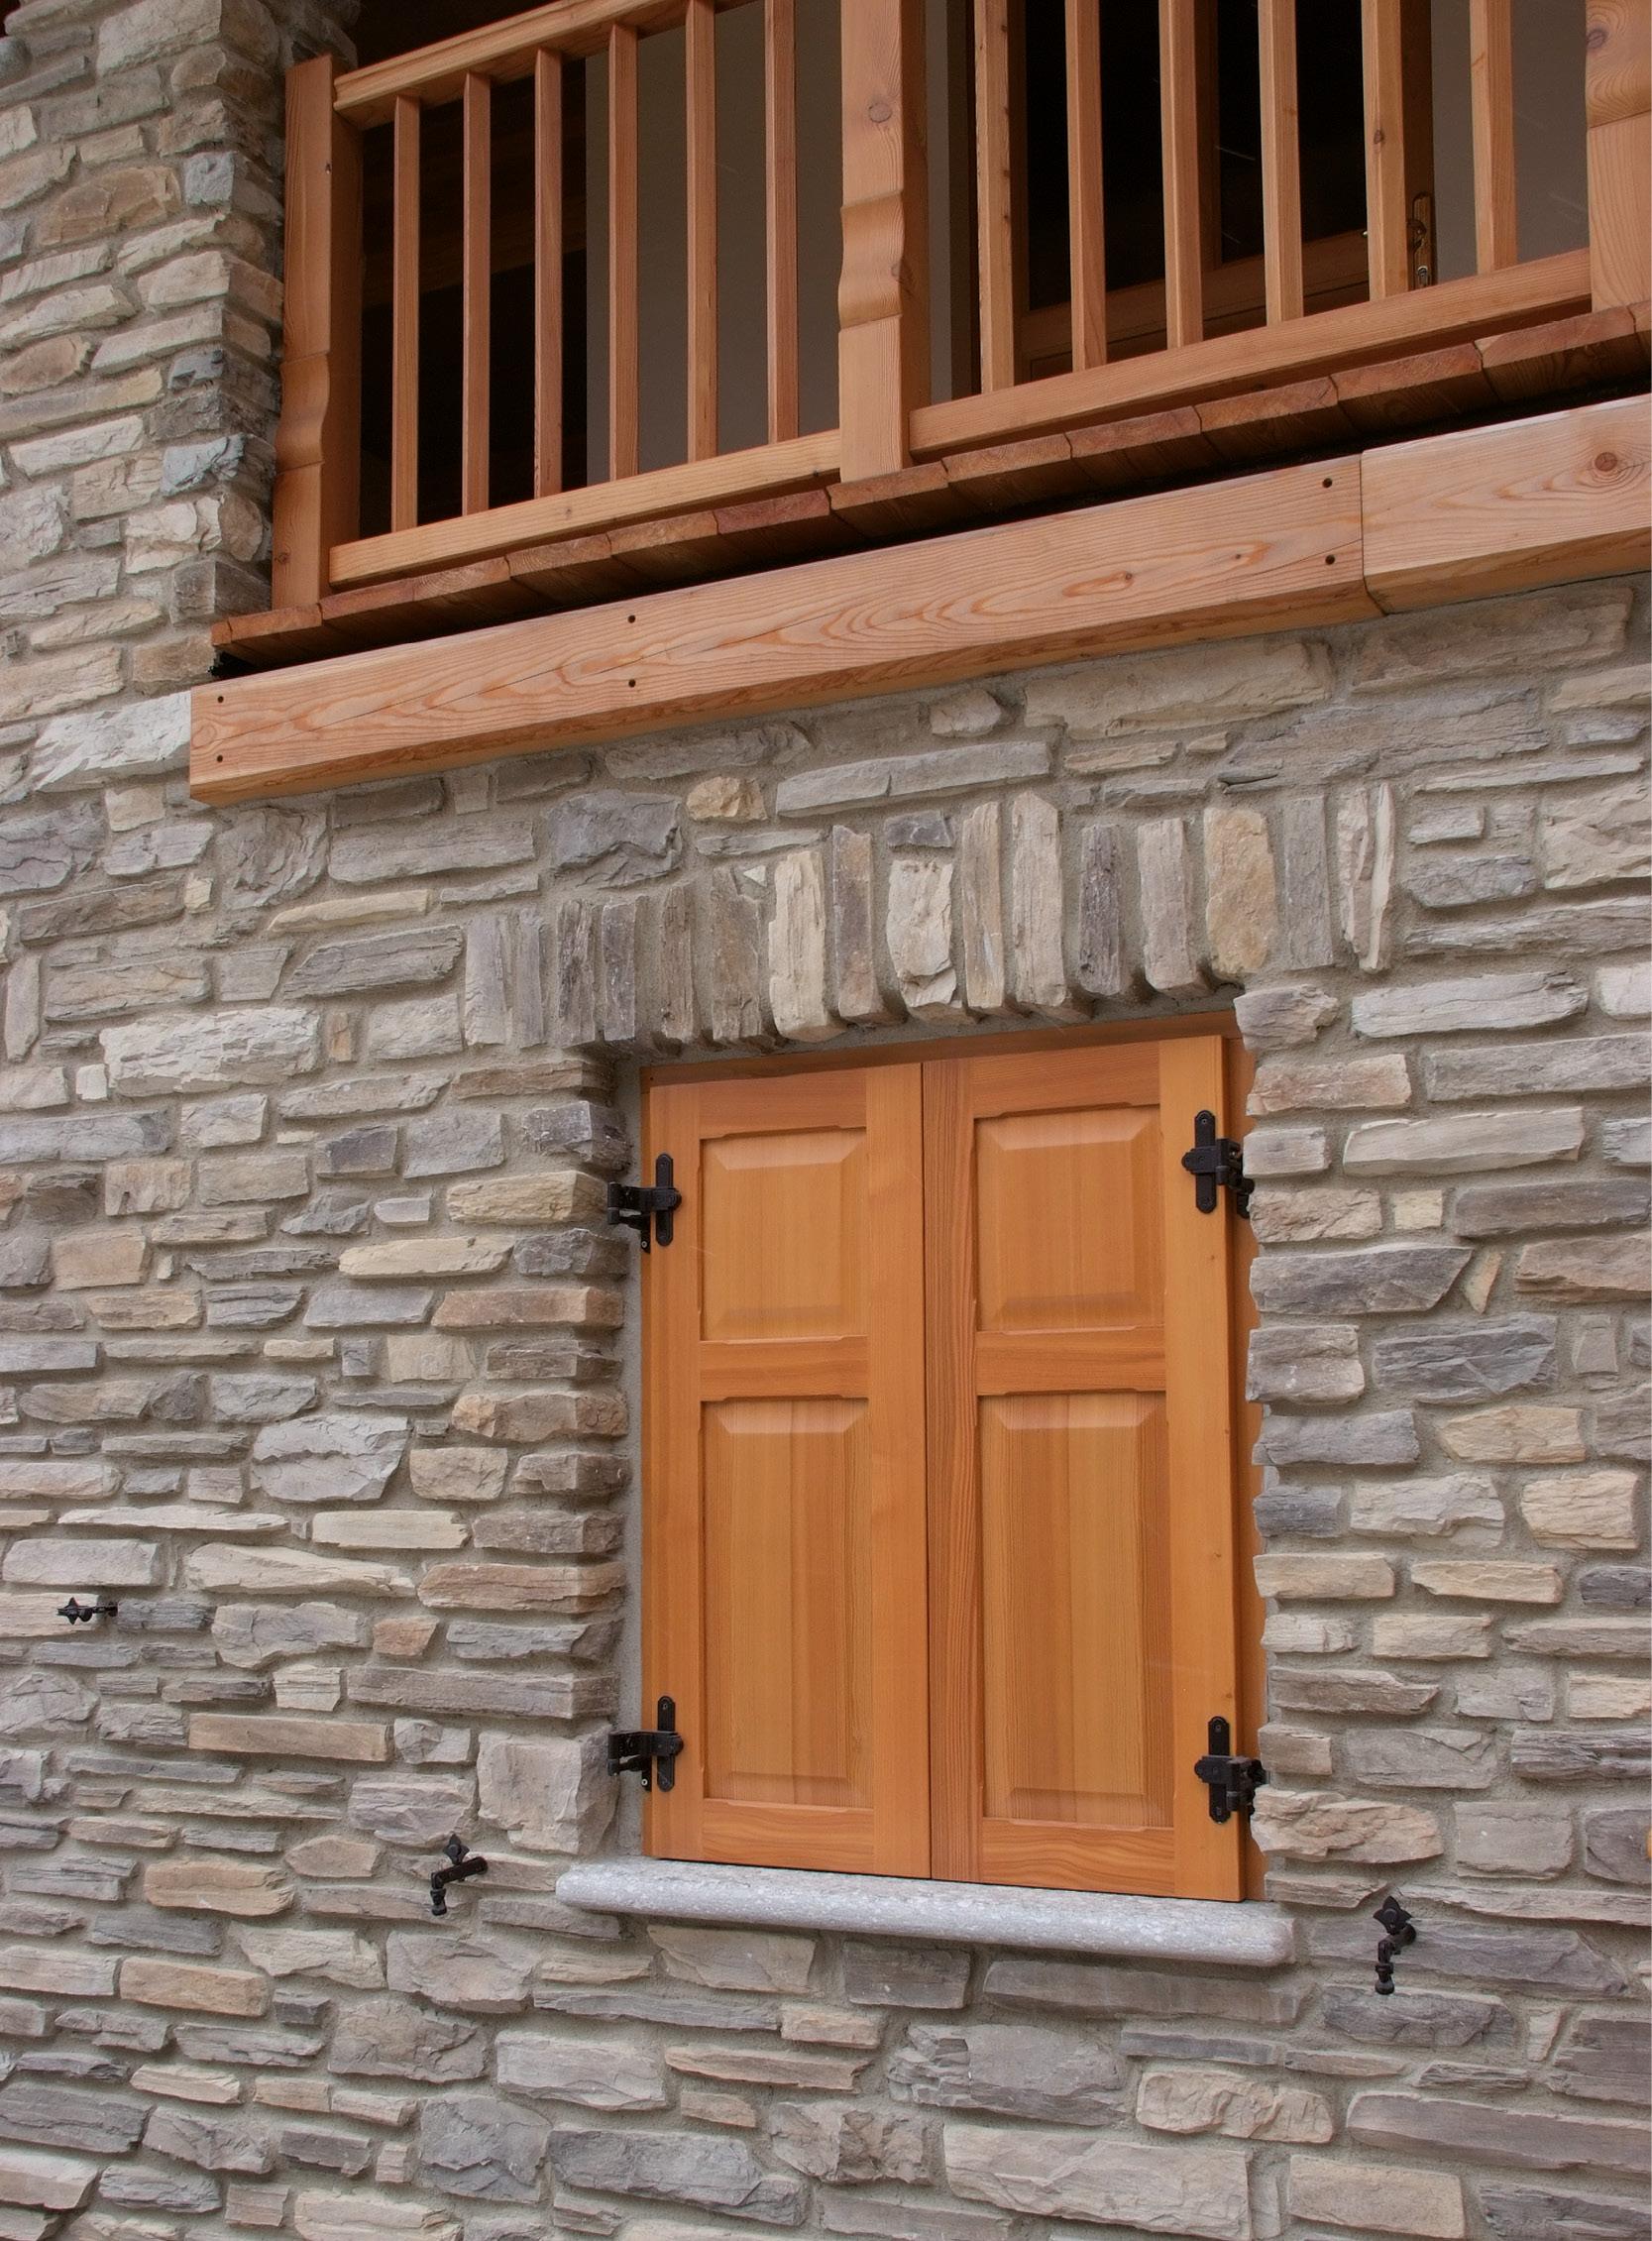 Porte e finestre geopietra - Lamia porte e finestre ...